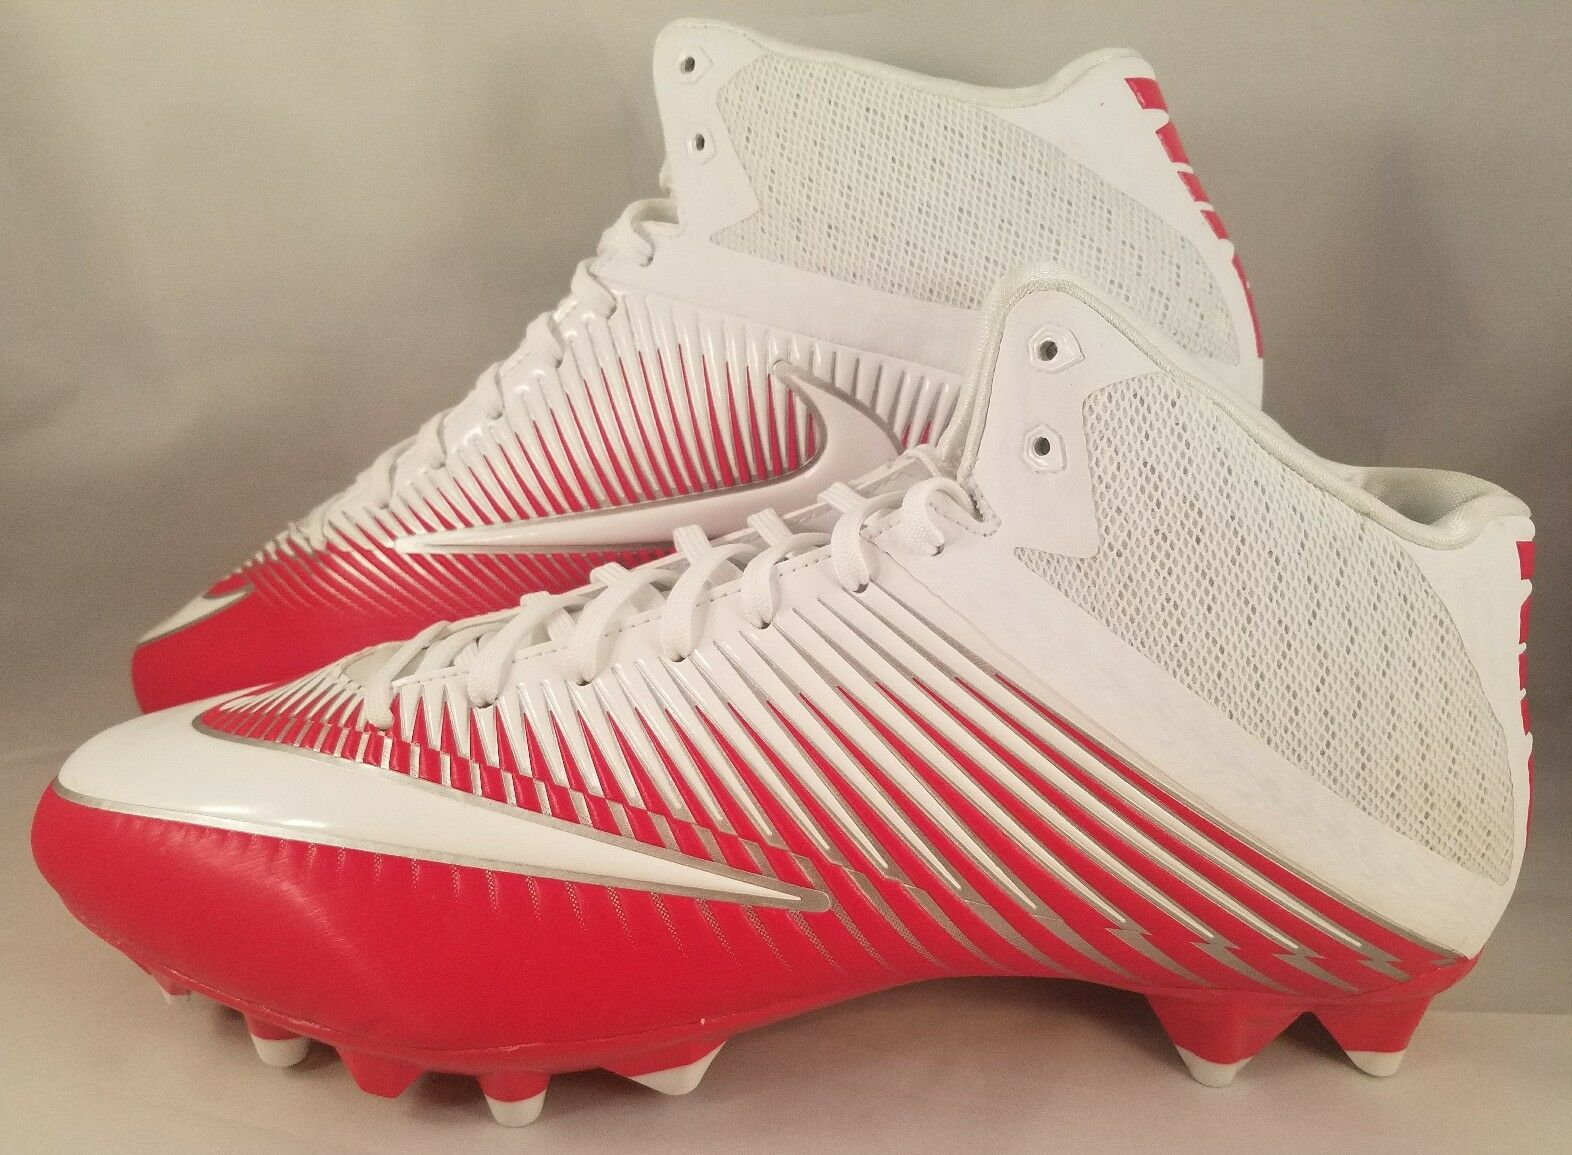 huge selection of f5d1a ca961 Nike Vapor velocidad velocidad velocidad 2 Mid 3   4 TD Football cleats  Hombre comodo baratos